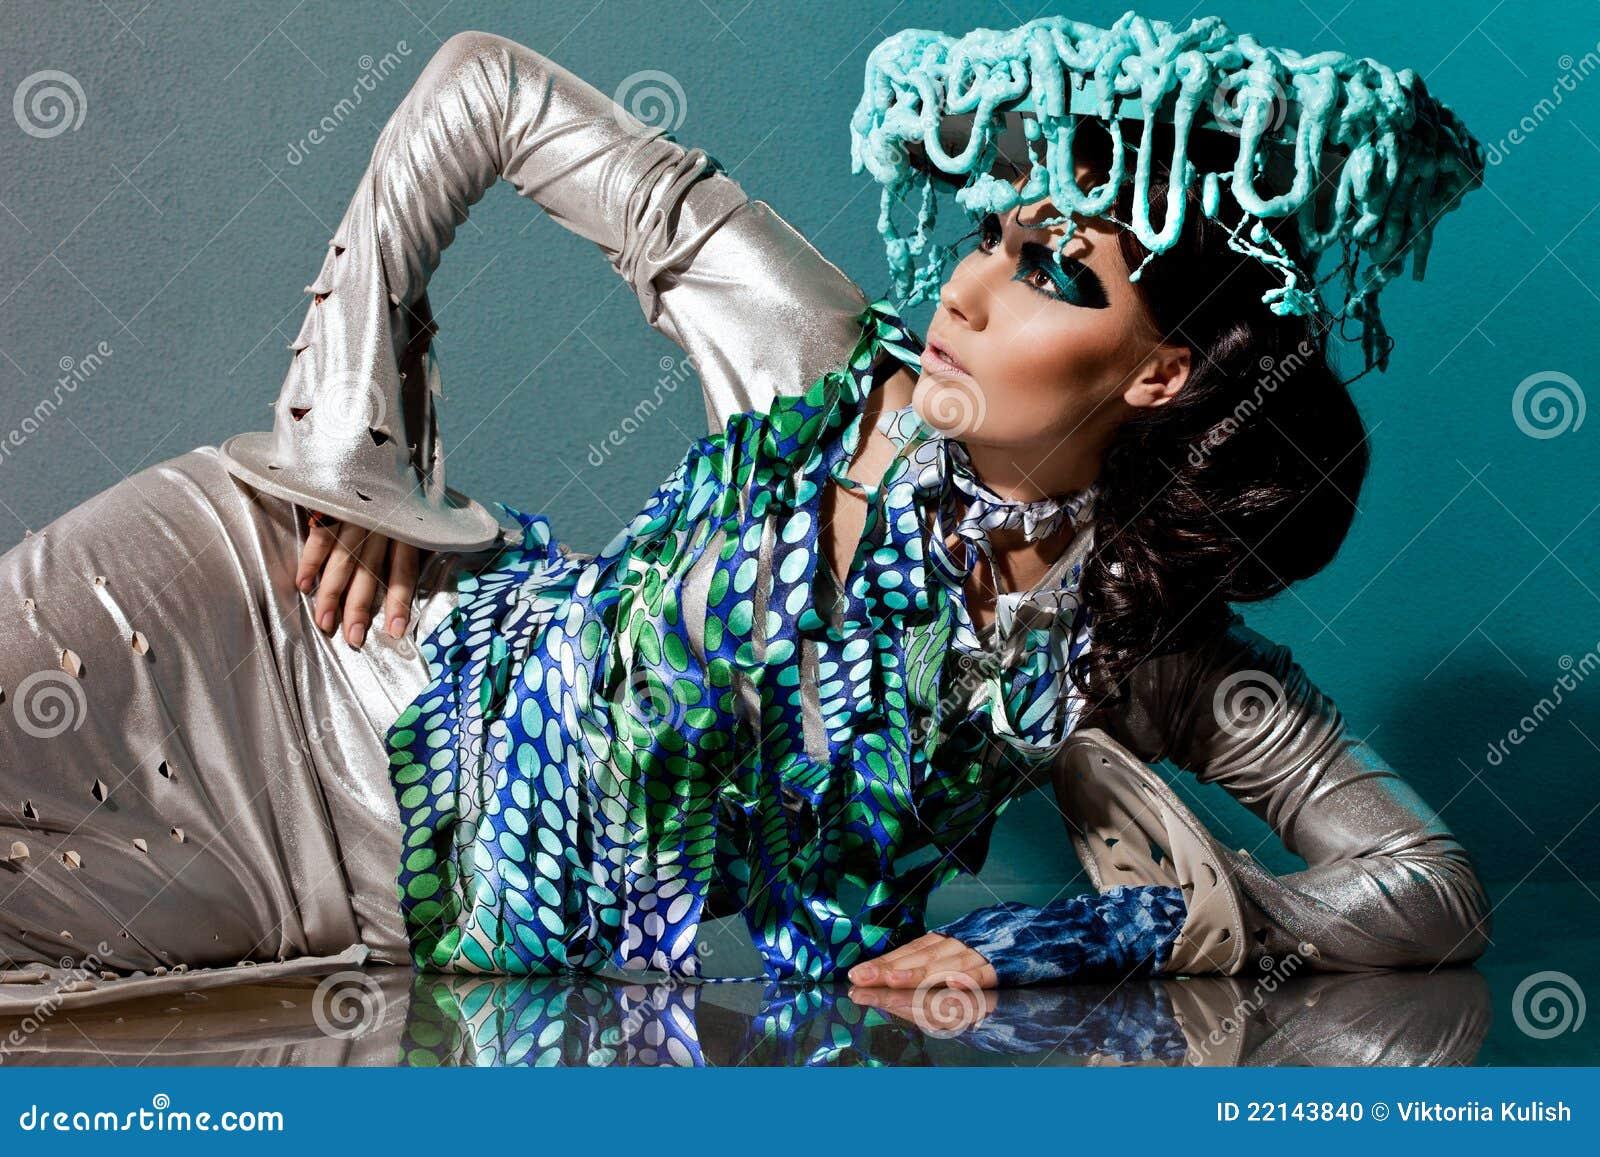 Donna Con Volto Ed Il Cappello Di Arte Fotografia Stock - Immagine: 22143840